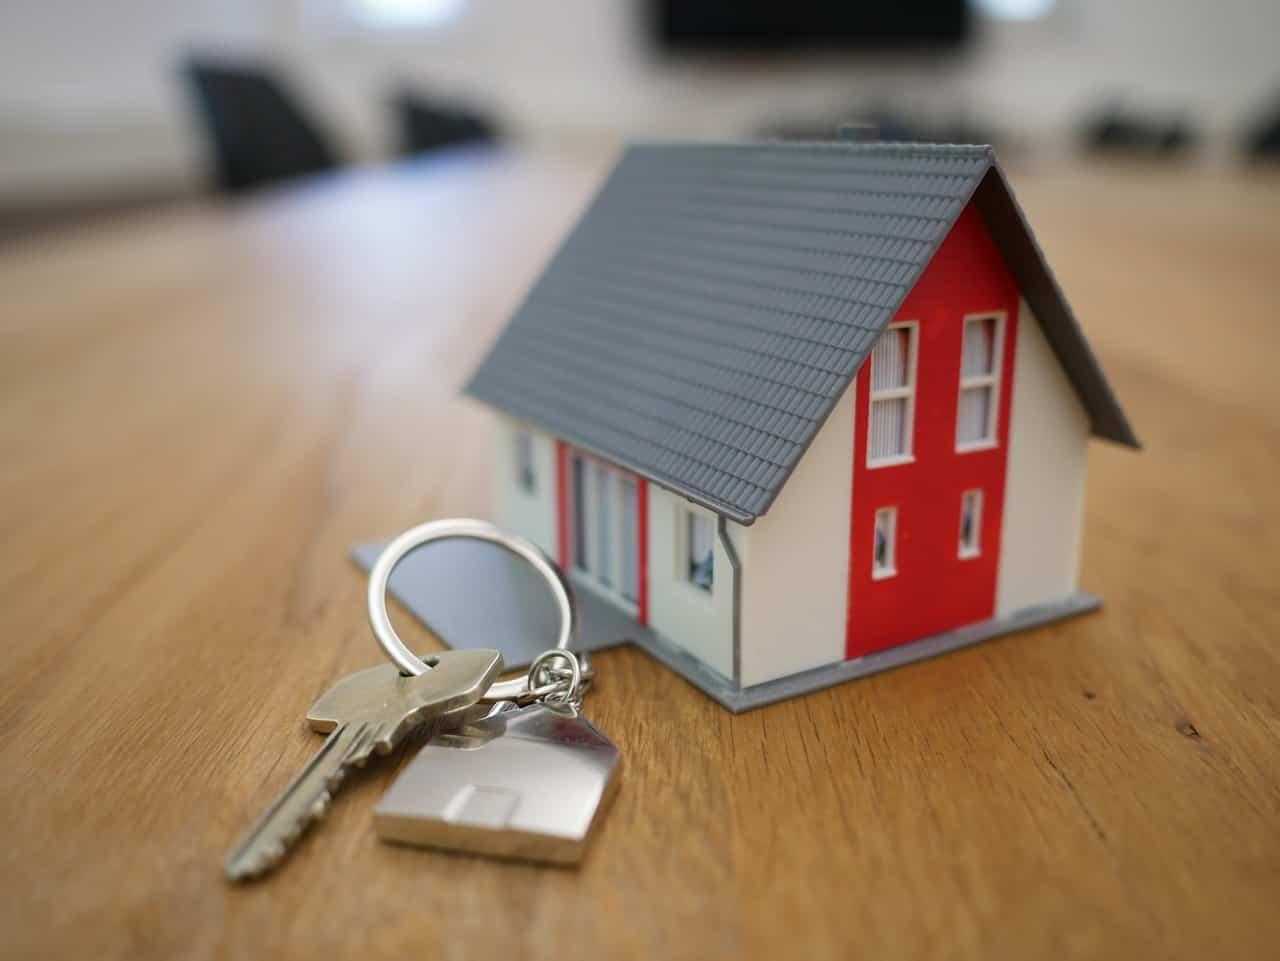 מחזיק מפתחות של בית